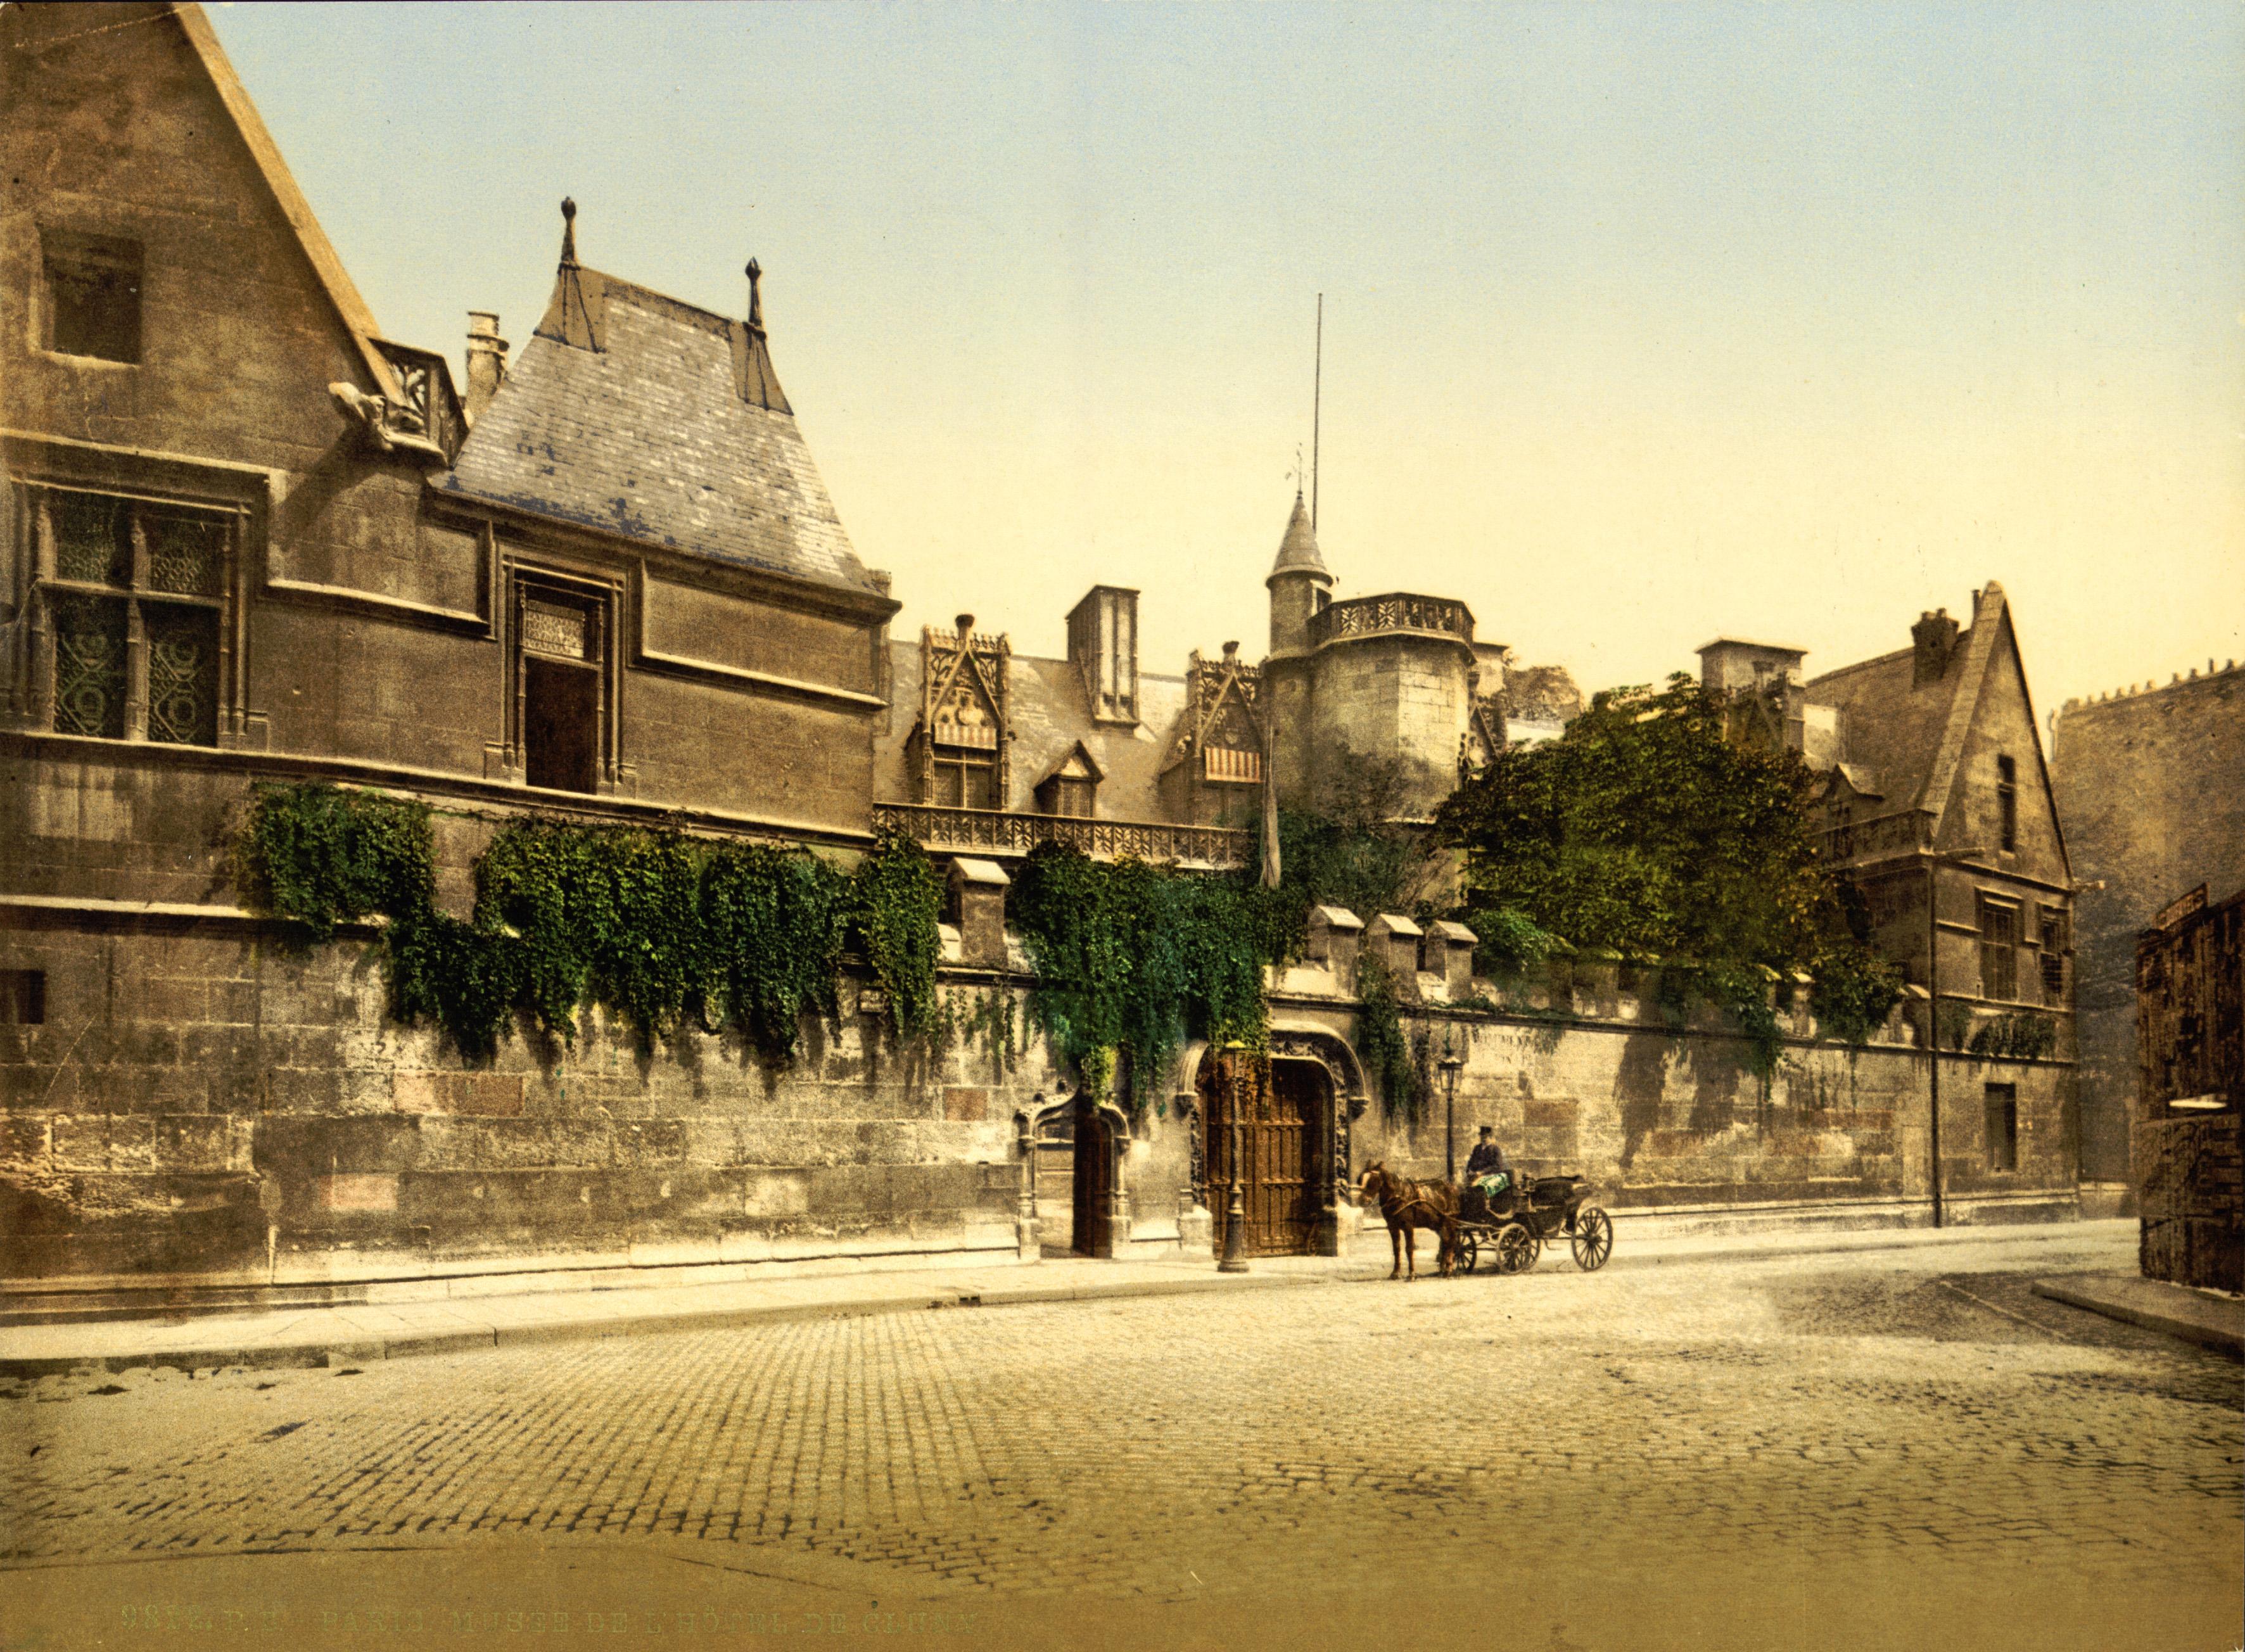 De cluny musée national du moyen âge paris france 1890s